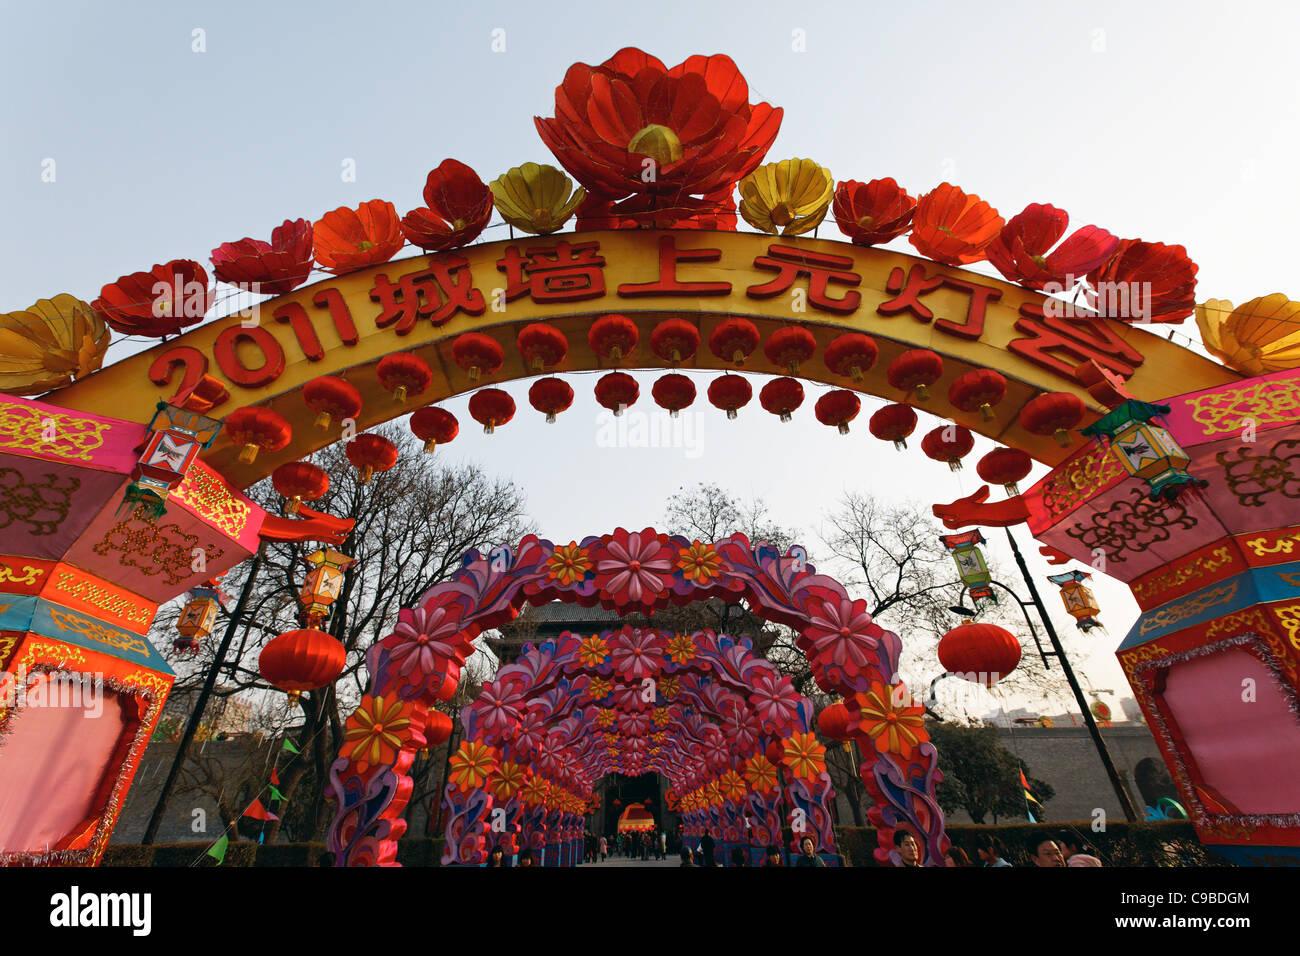 Basso Angolo di visione della decorazione degli archi, Xia'n City, Shaanxi, Cina Foto Stock